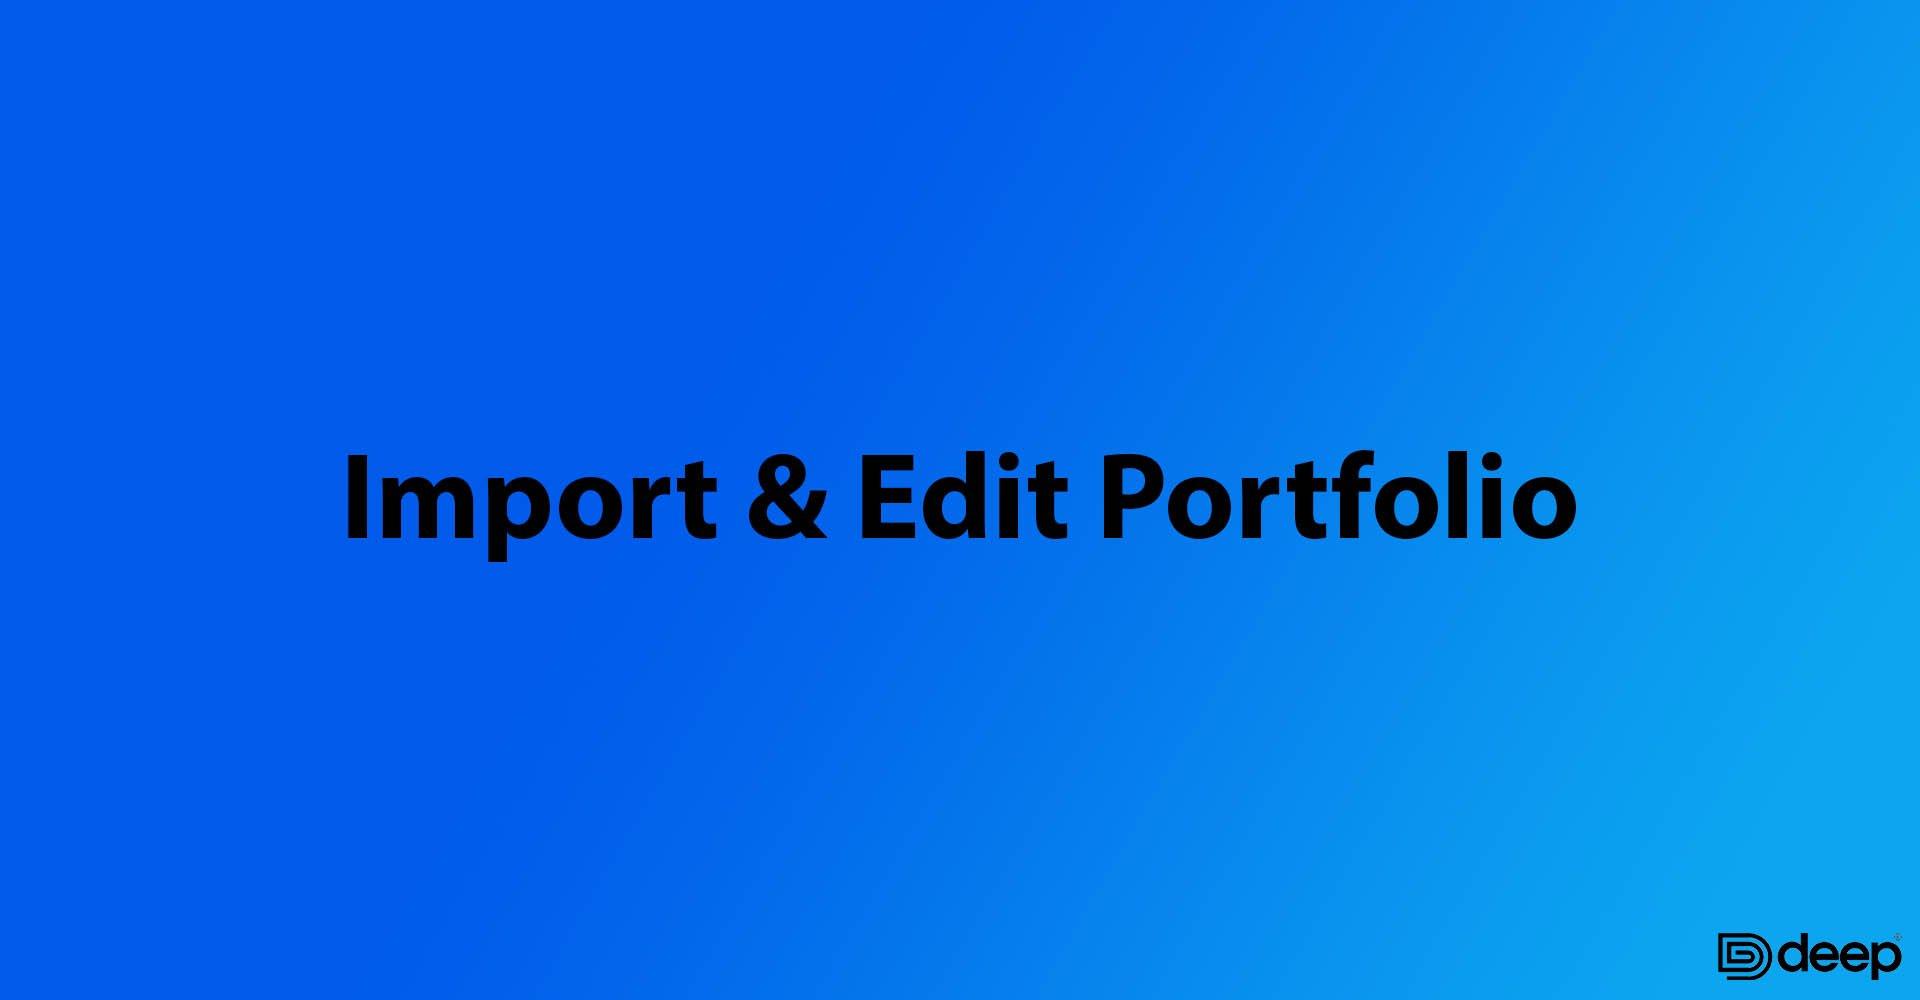 Import & Edit Portfolio